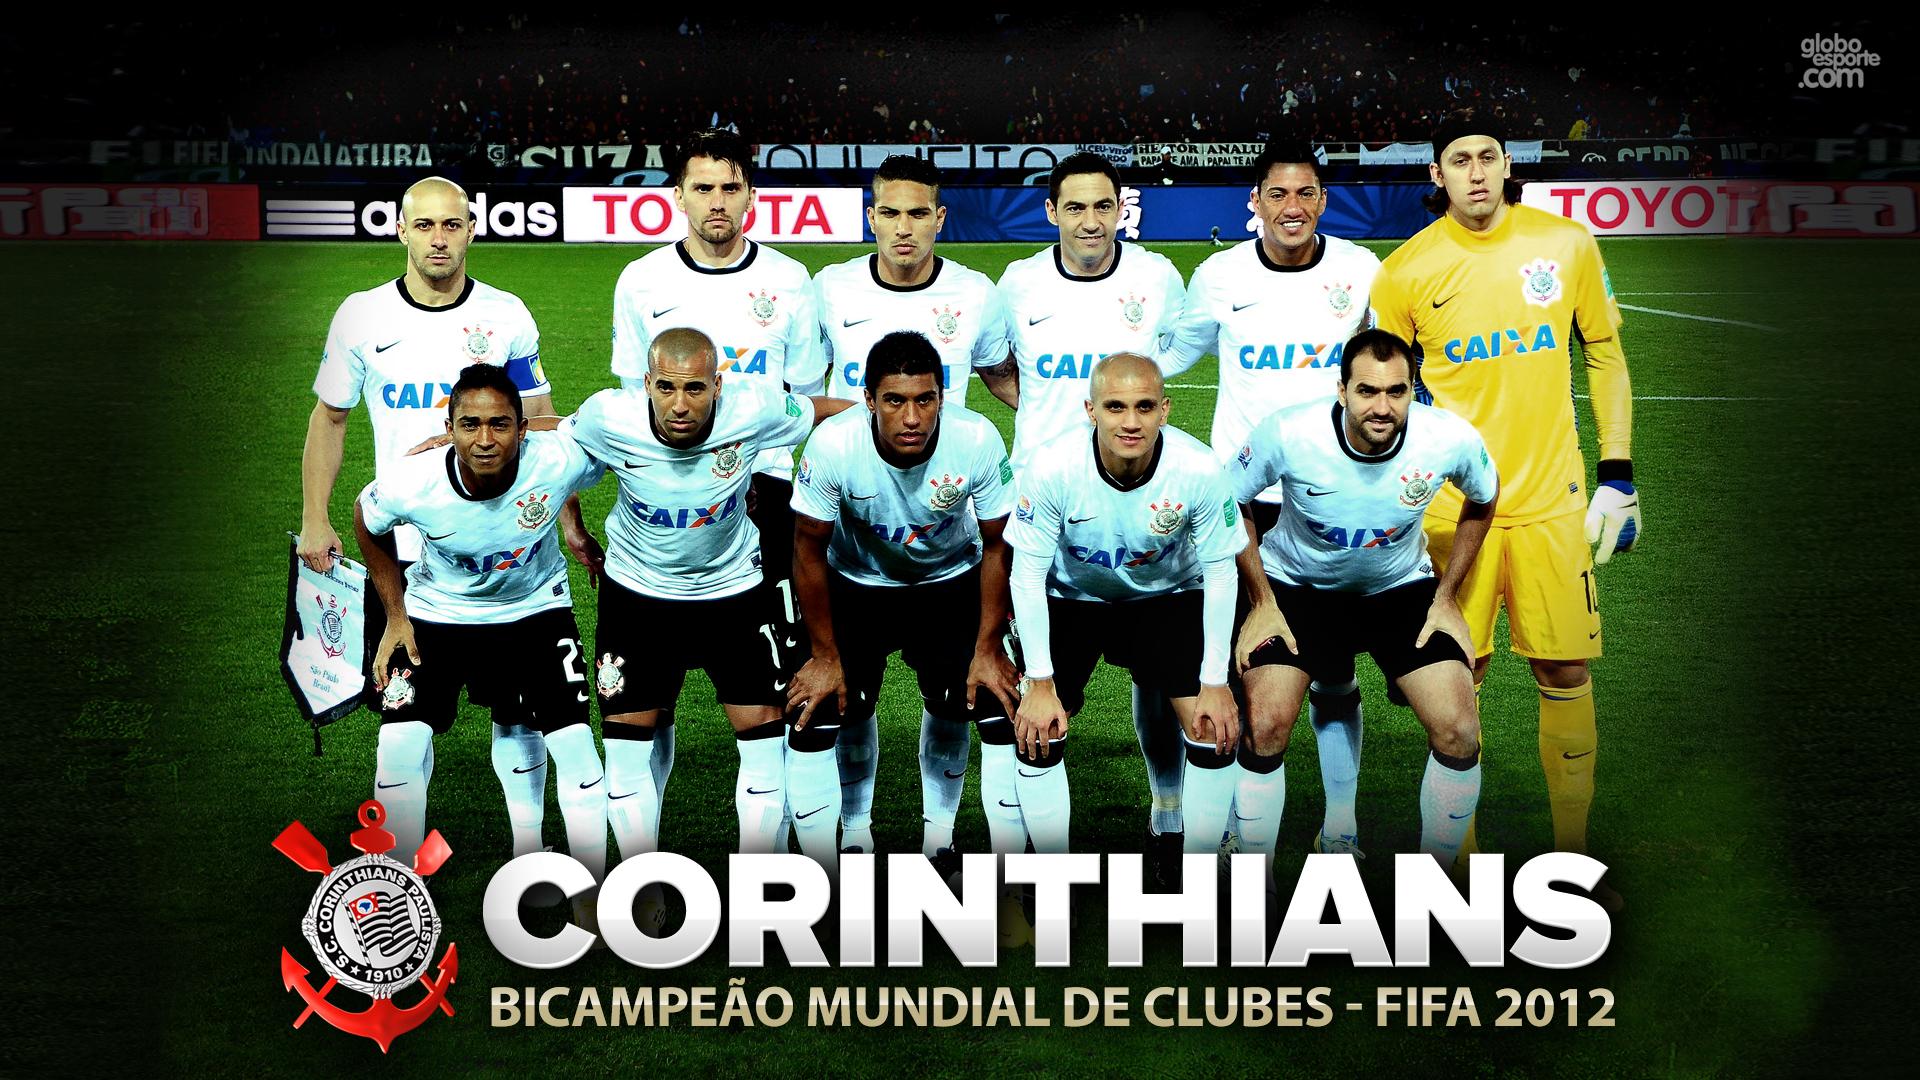 Wallpapers: Corinthians Campeão Mundial de Clubes 2012 (4)